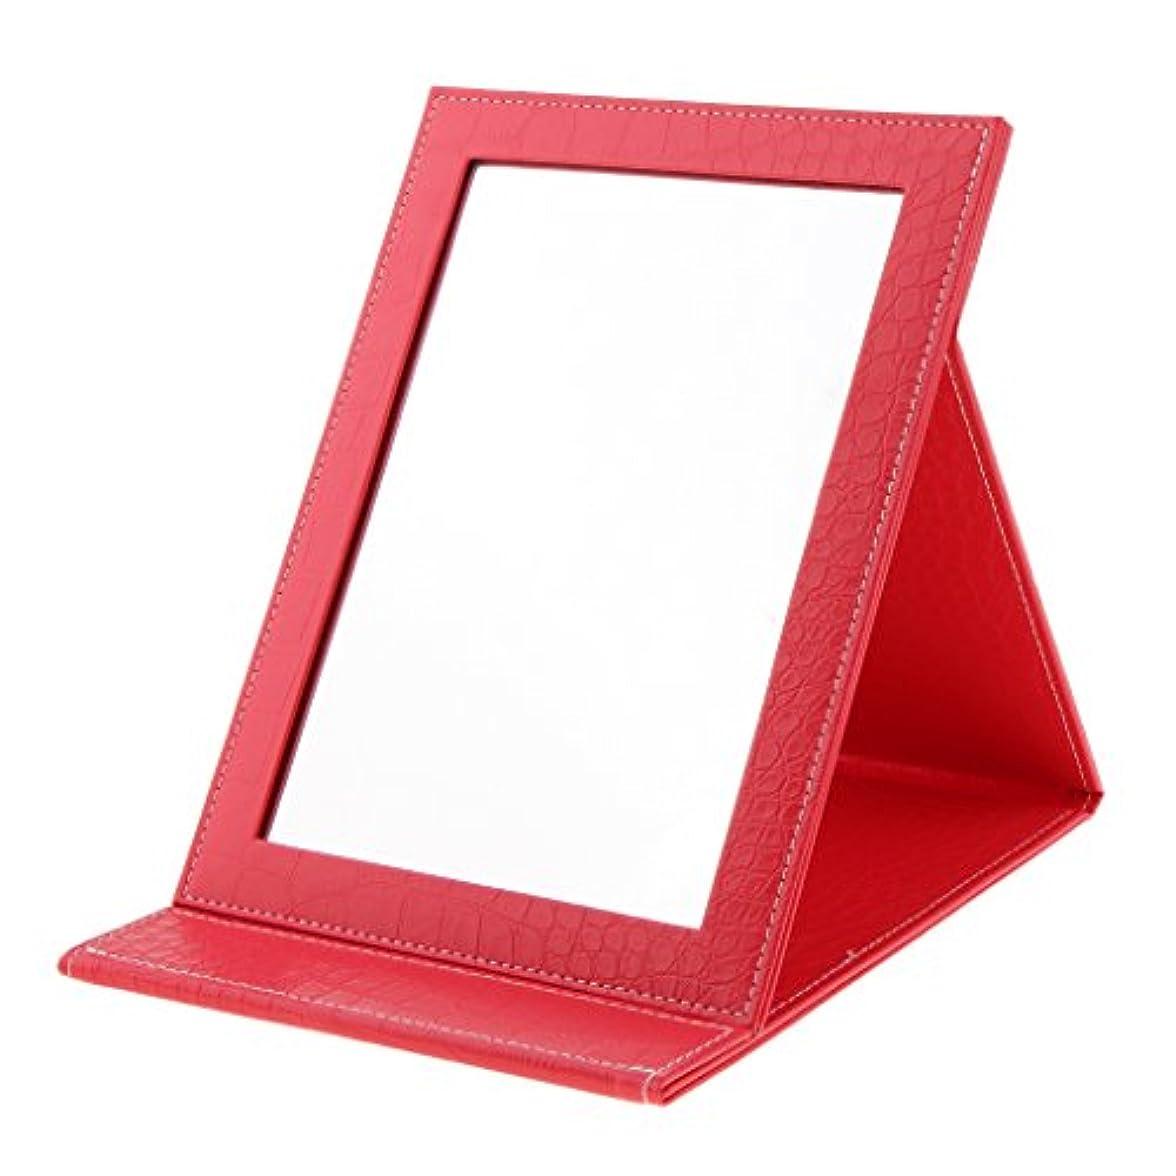 ボトル無効追い出す化粧鏡 鏡 メイクアップミラー 折りたたみ式 PUレザー ポータブル 旅行 日常用 3色選べる - 赤